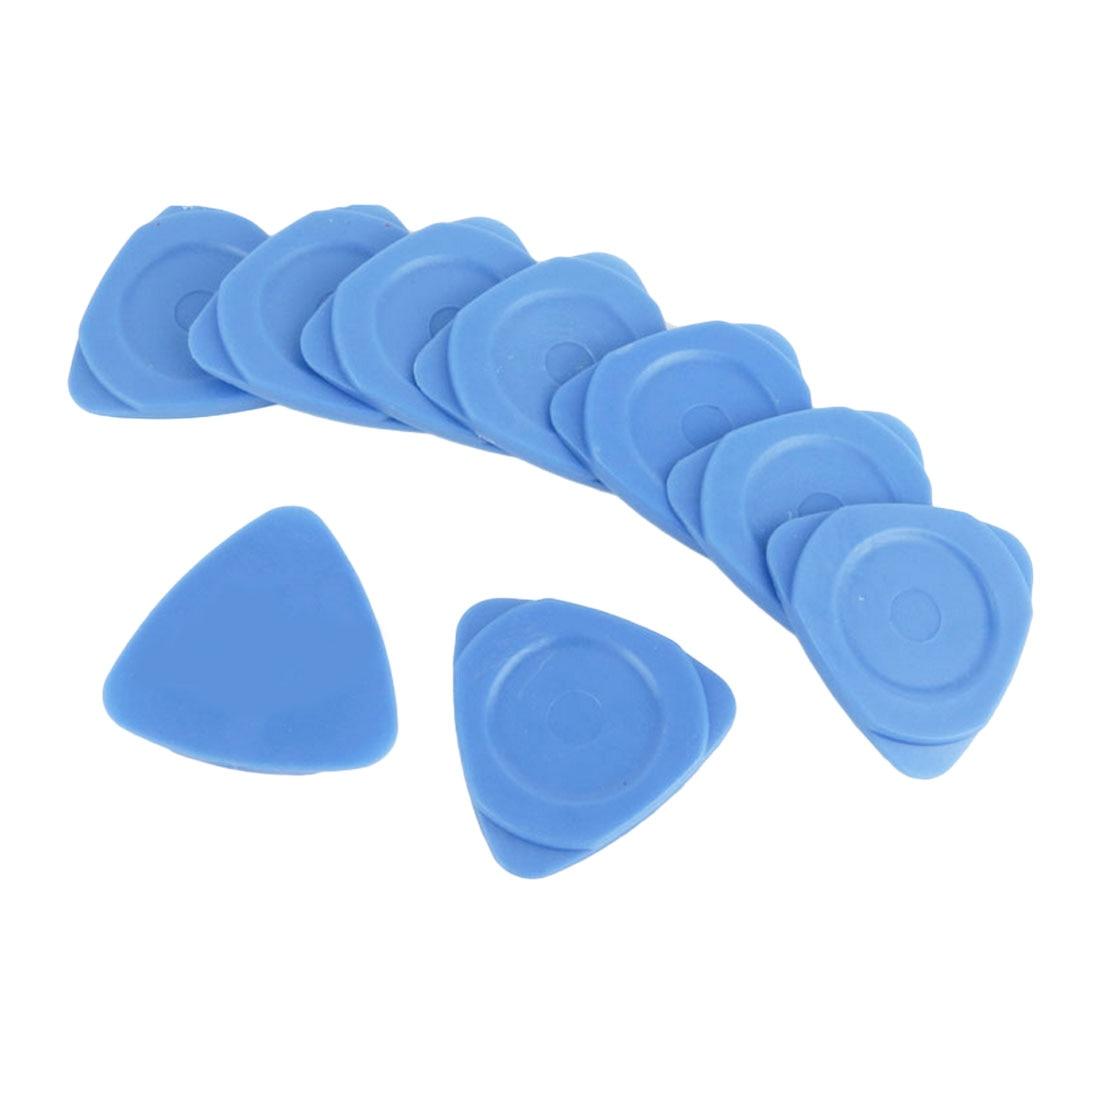 Repair Tool Kit 10 PCS Phone Opening Tools Plastic Guitar Picks Pry Opener for iPhone iPad Tablet PC Disassemble Tool(China)